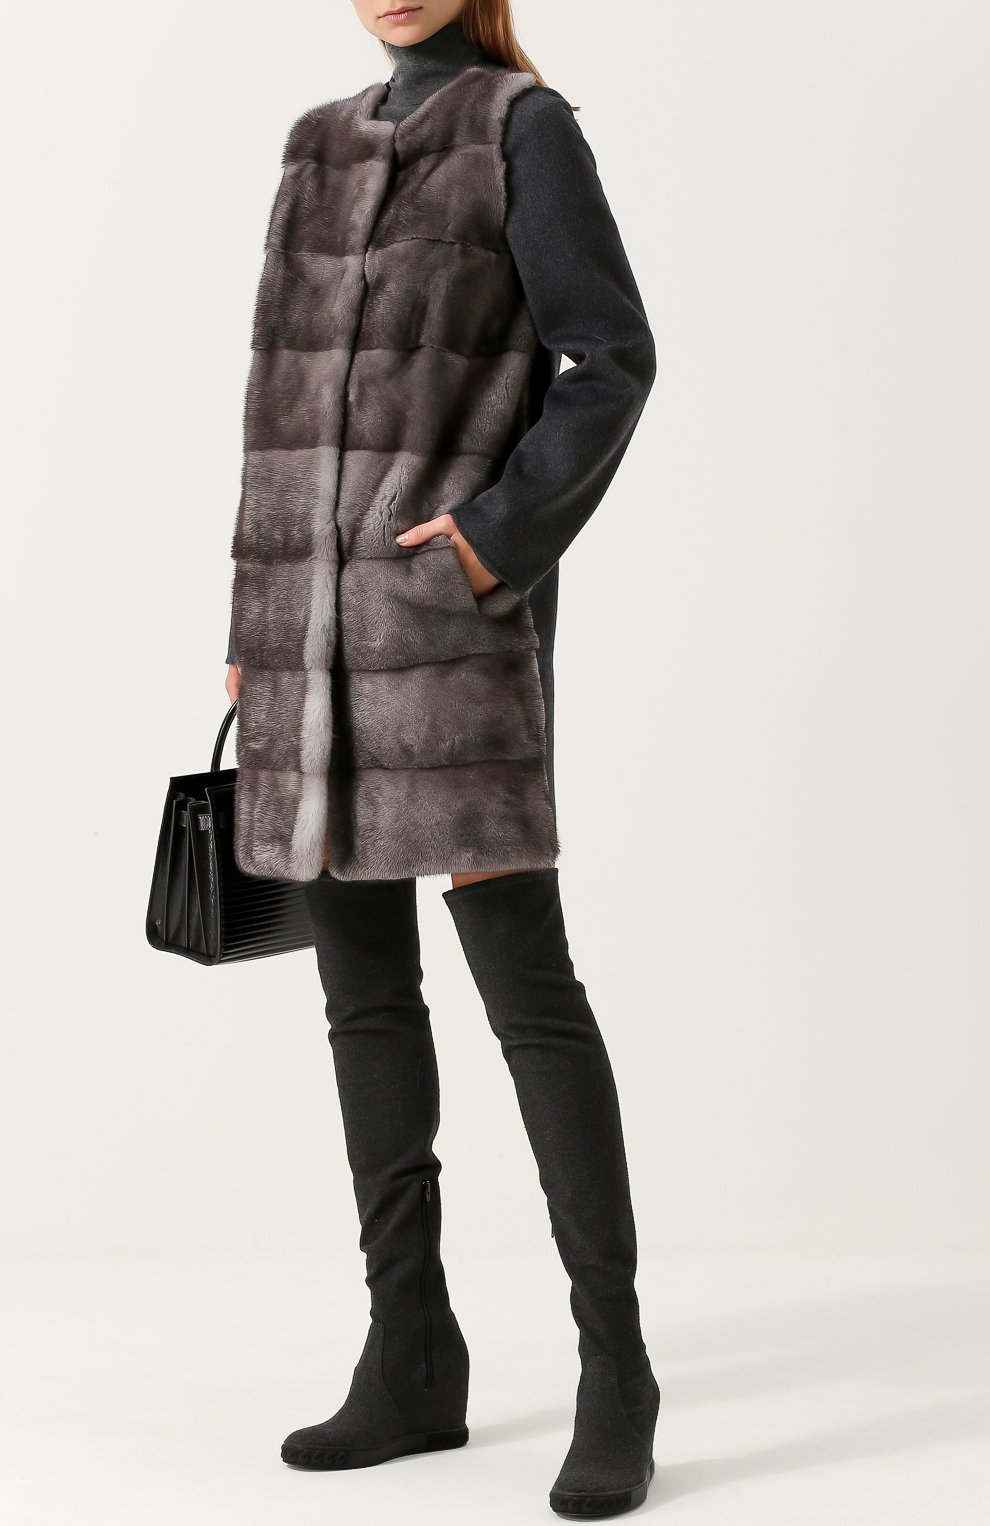 Пальто из смеси шерсти и кашемира с отделкой из меха норки Yves Salomon  серого цвета  ac57d23730bcf